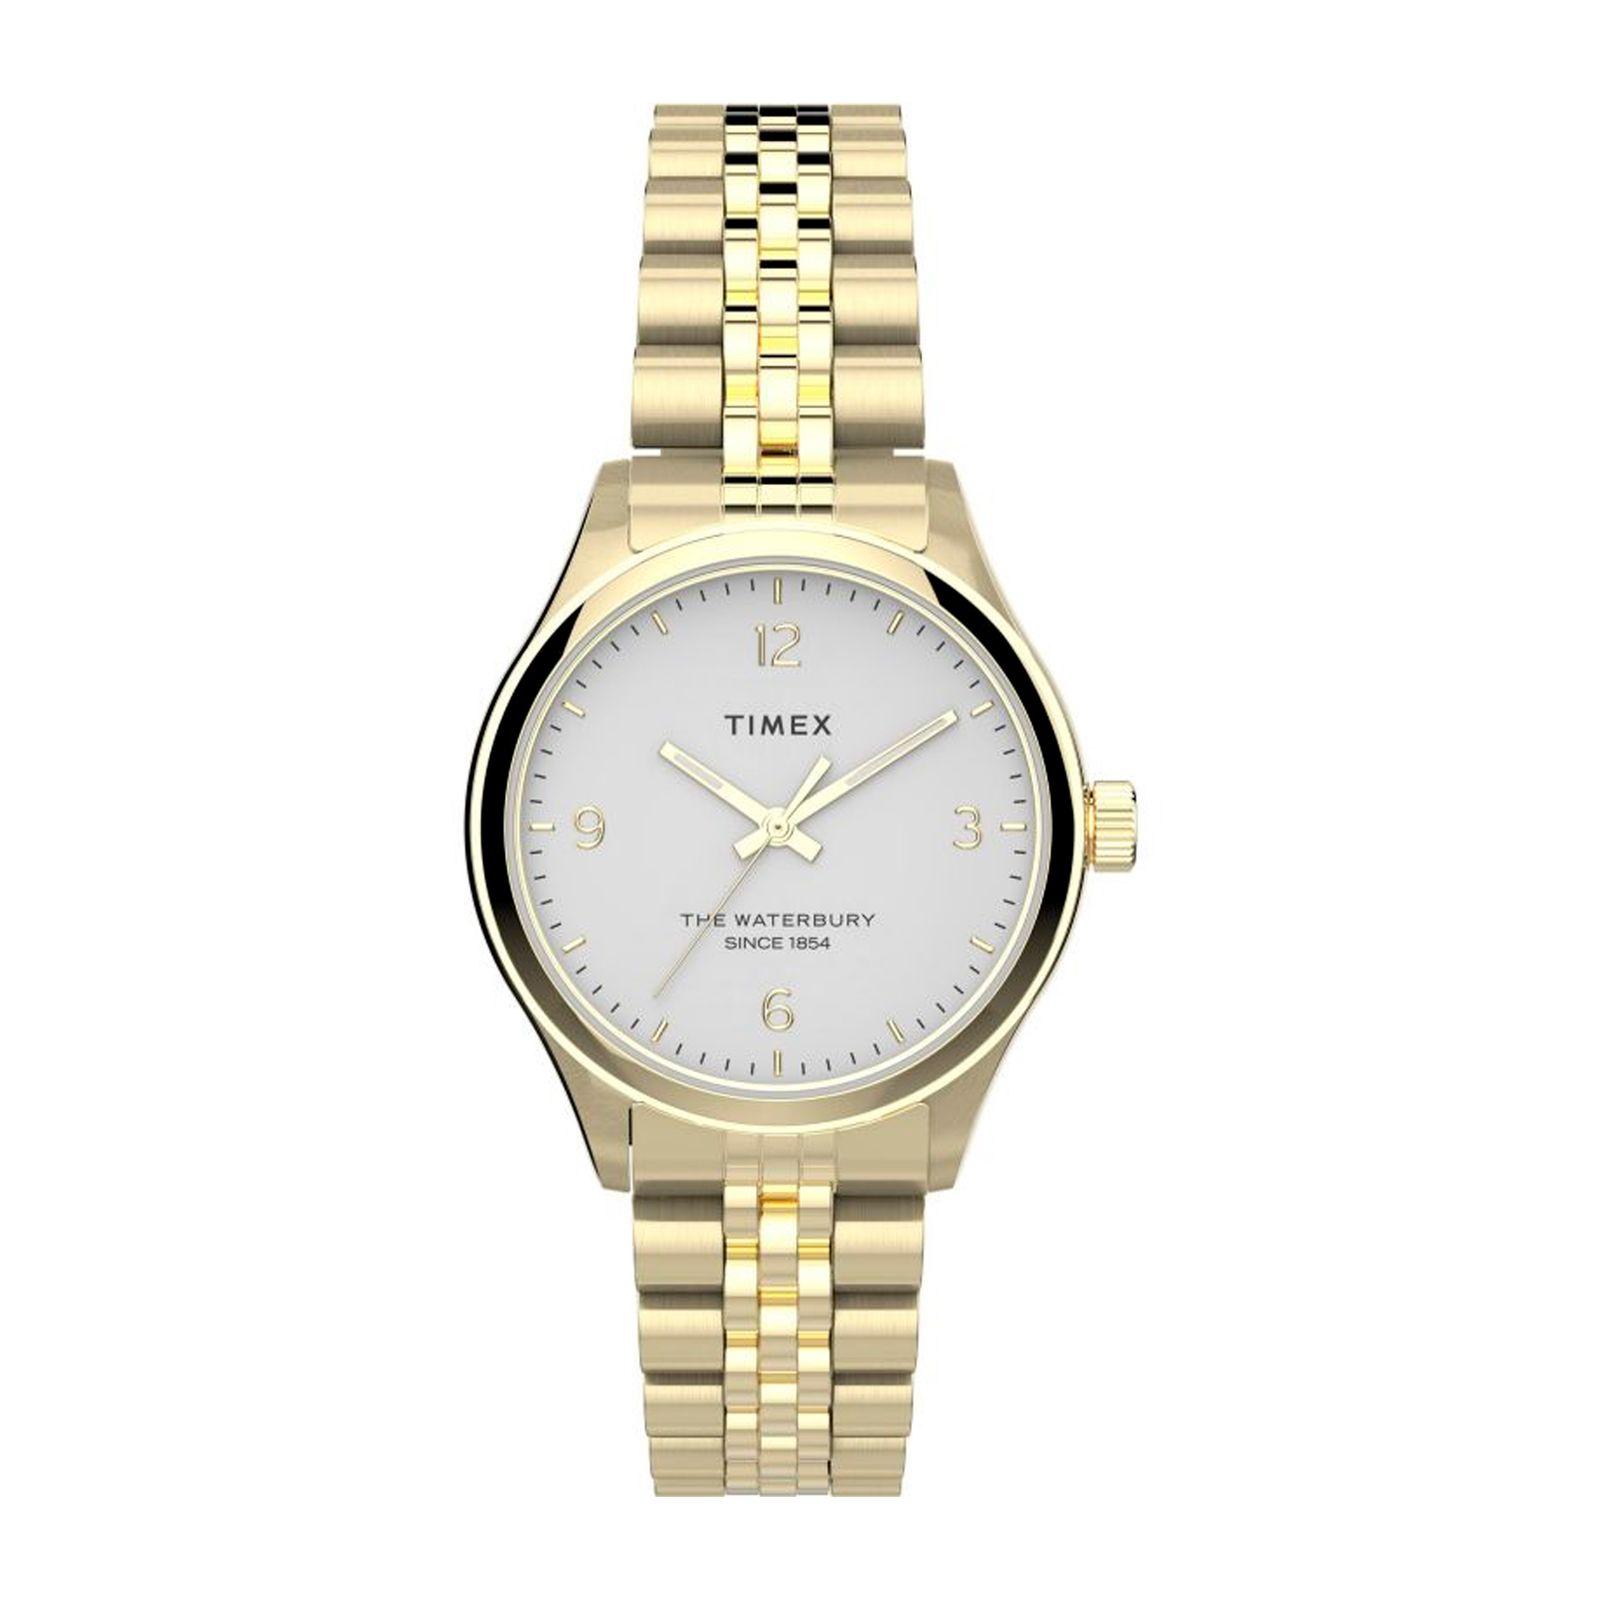 ساعت مچی عقربه ای زنانه تایمکس مدل TW2T74800 -  - 2